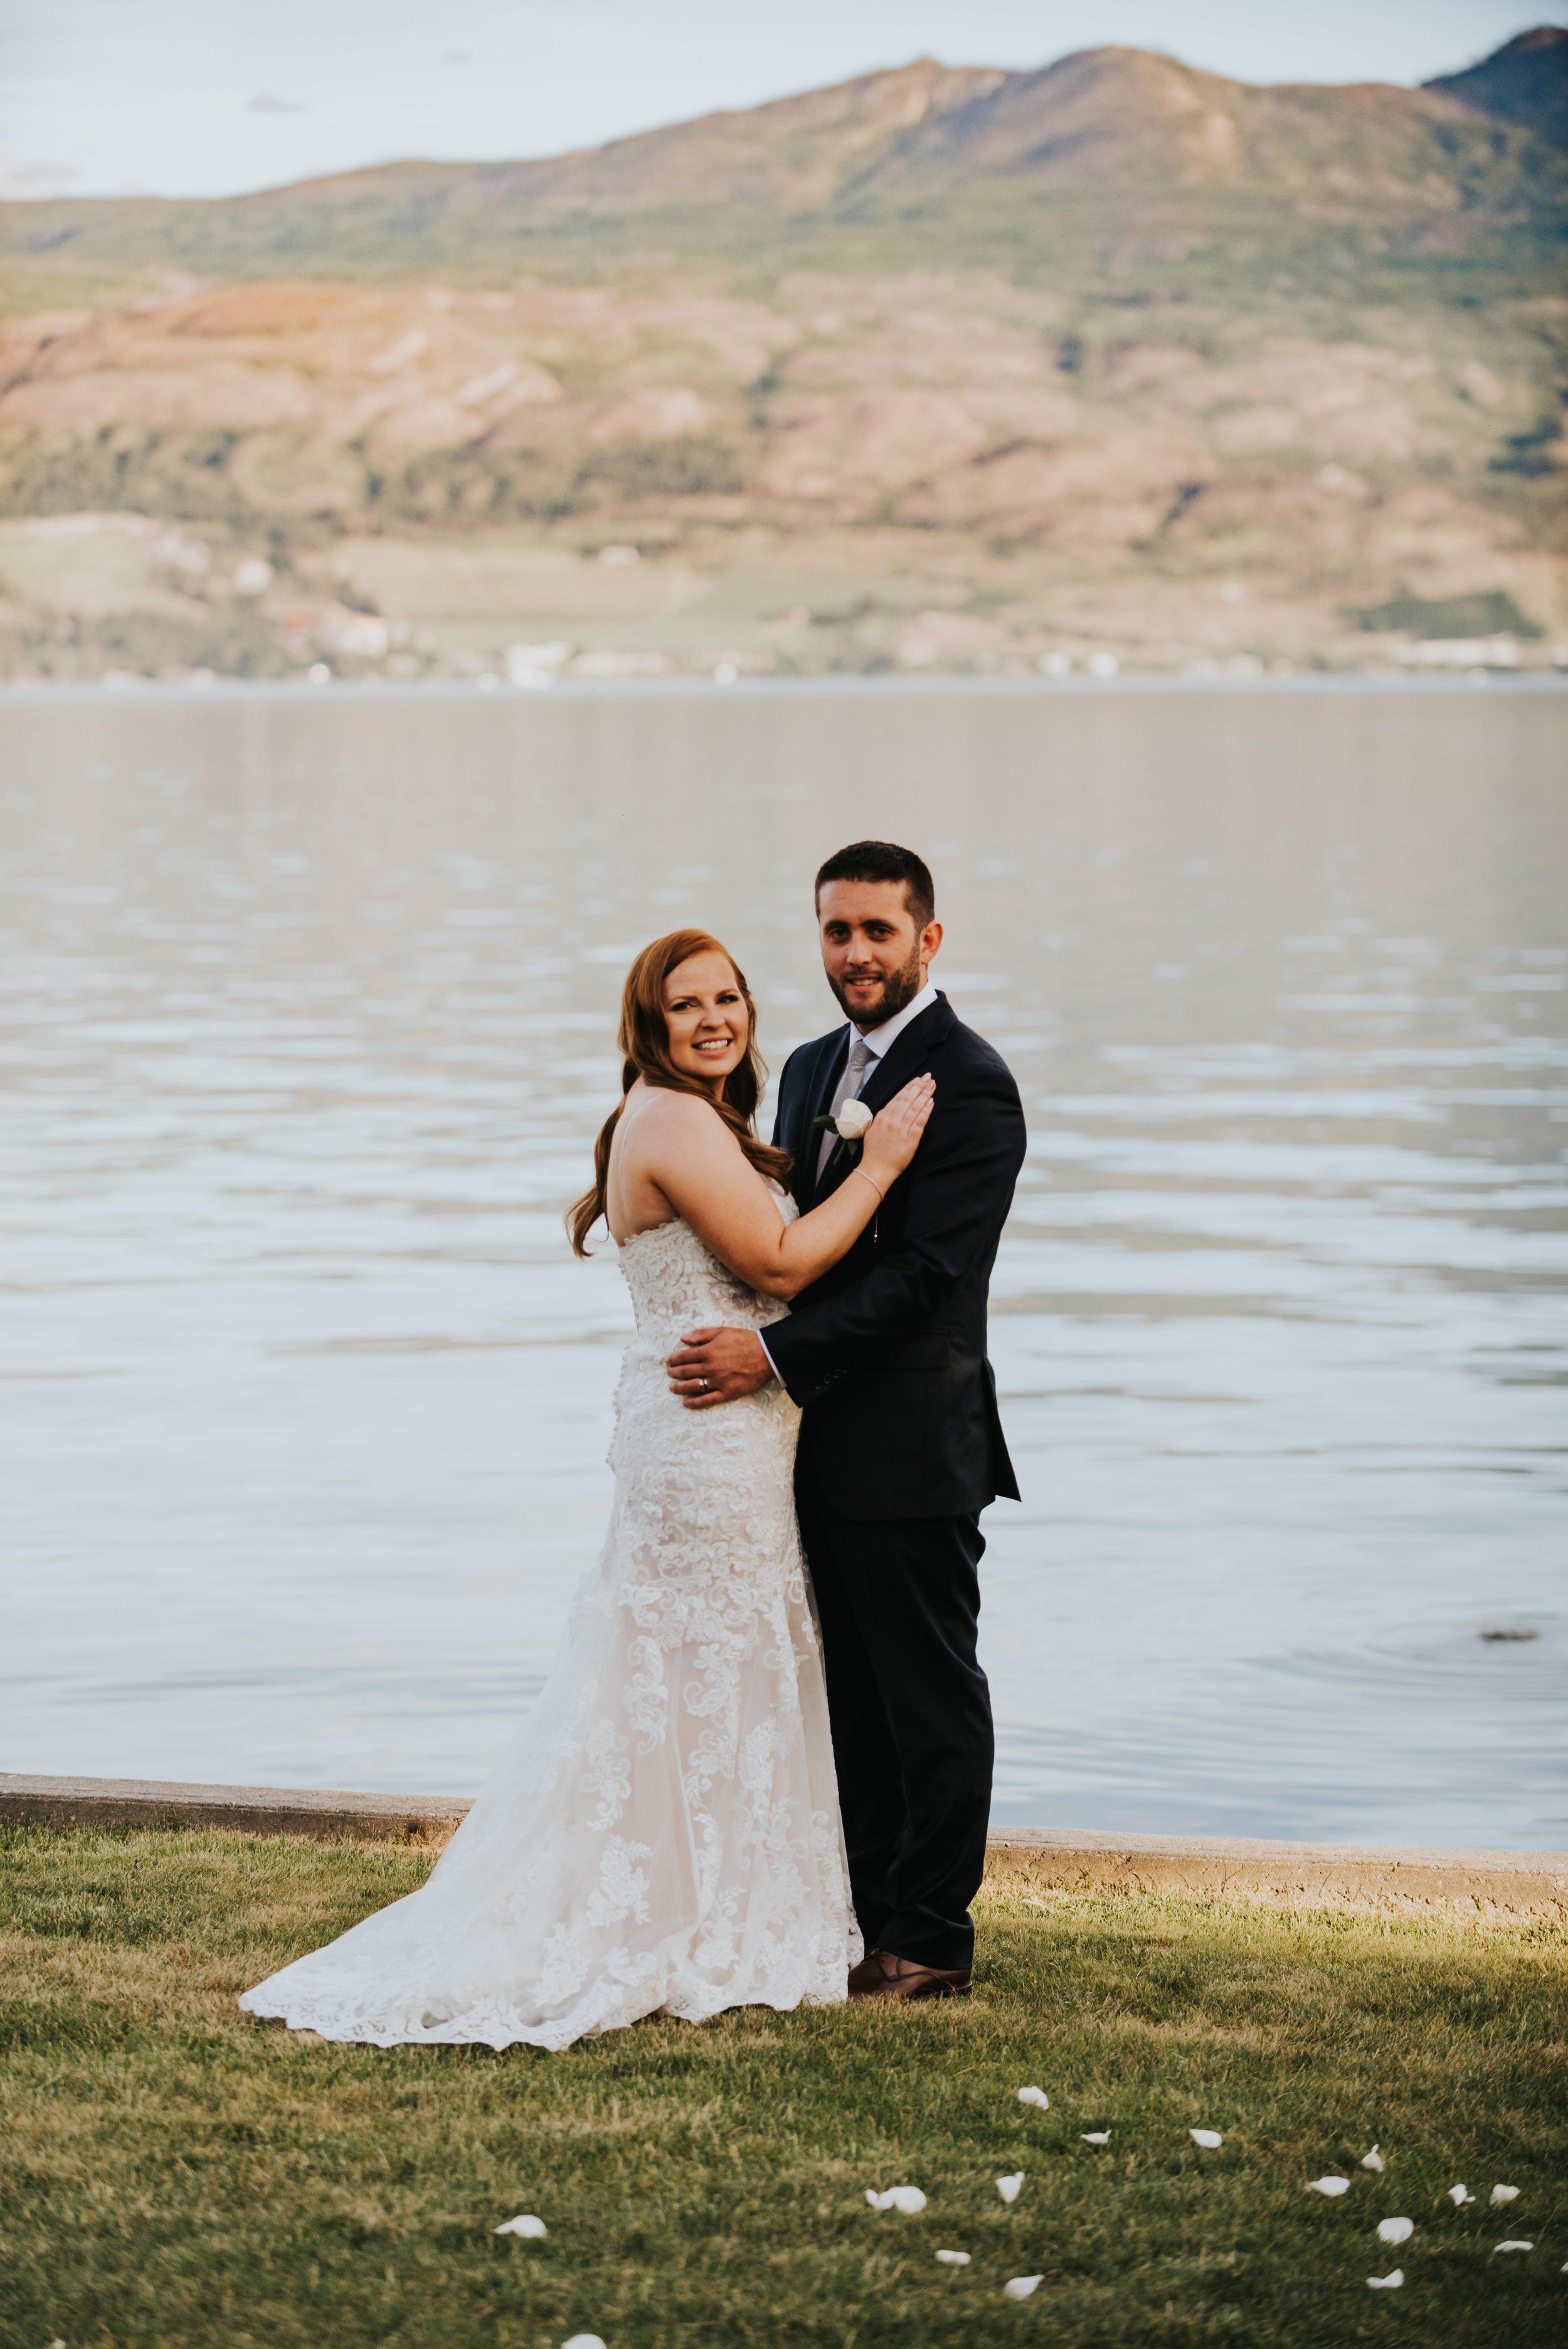 Zach & Kayla-101.jpg